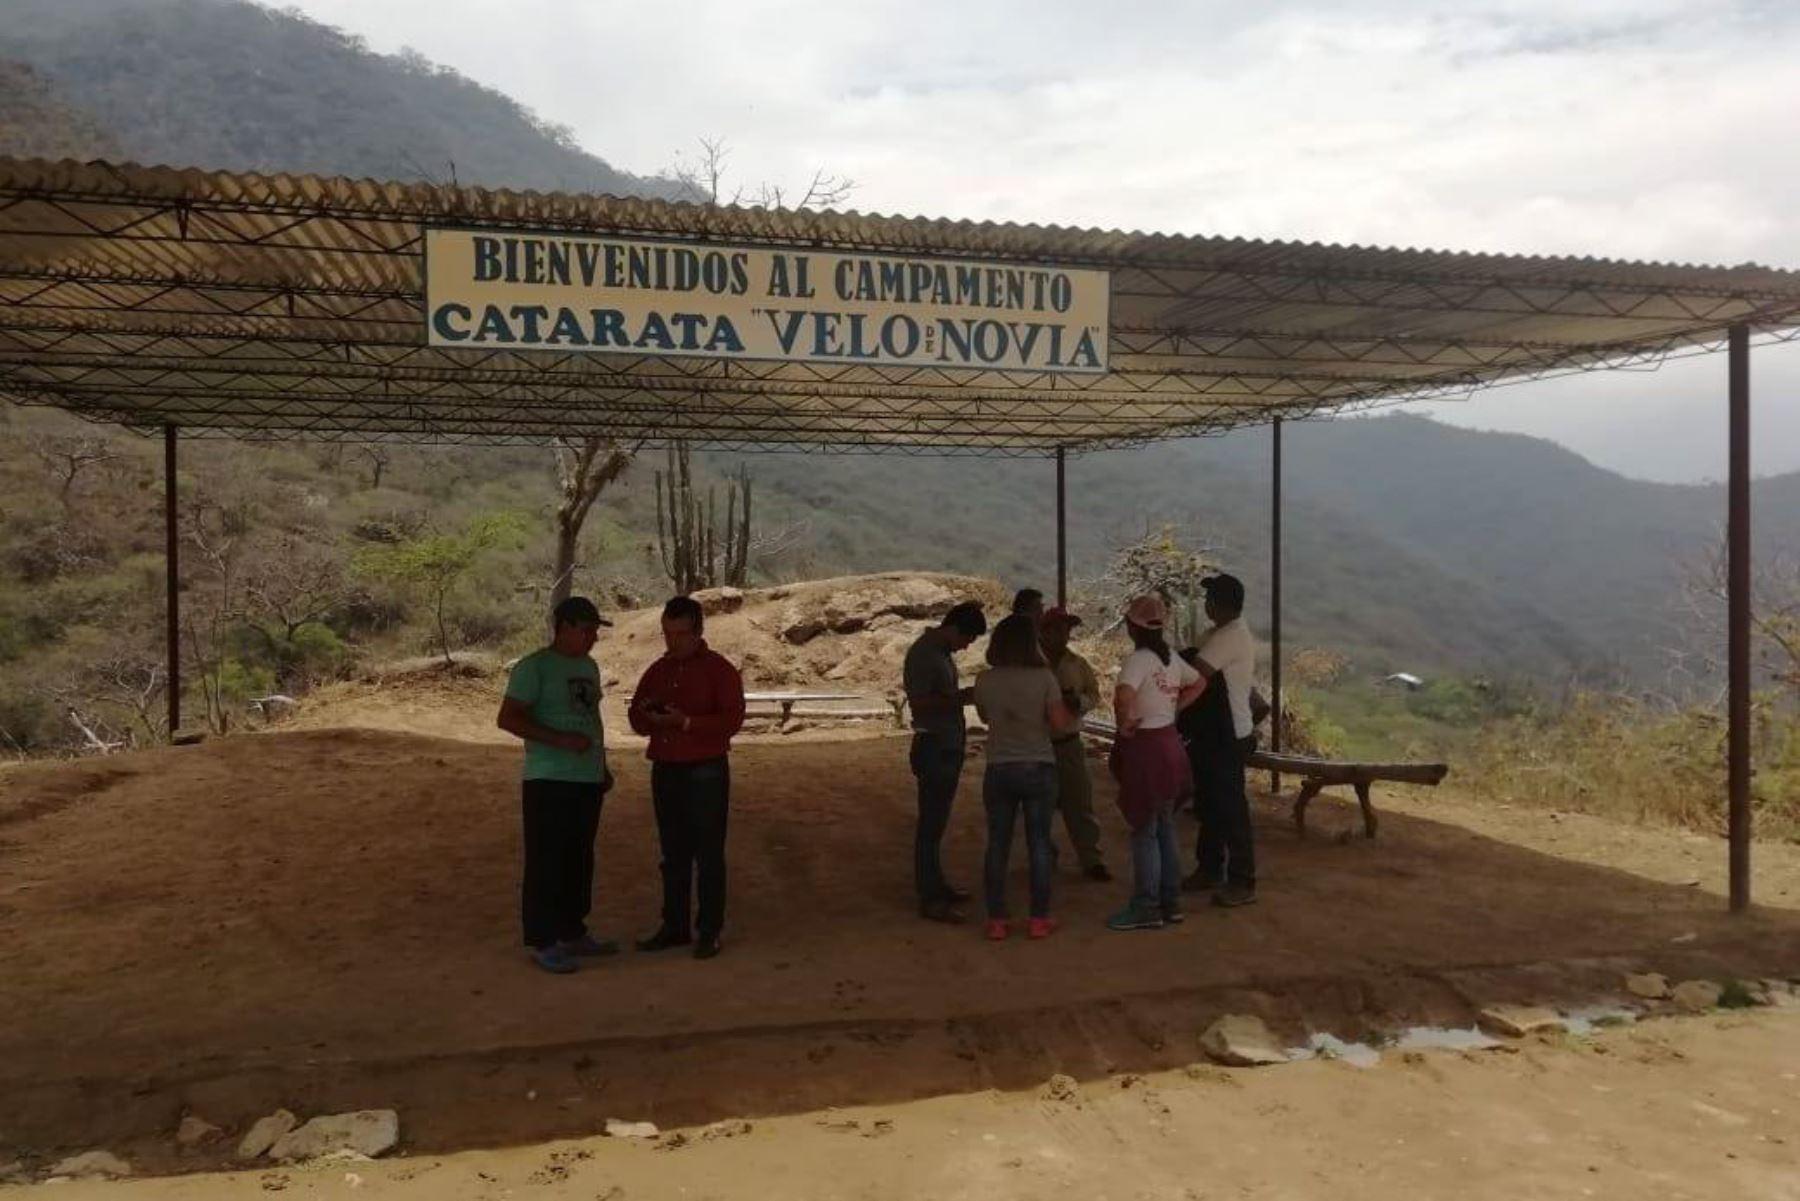 Especialistas de la Gercetur Lambayeque y del Viceministerio de Turismo visitaron los distritos de Oyotún y Mórrope para identificar nuevos atractivos turísticos.